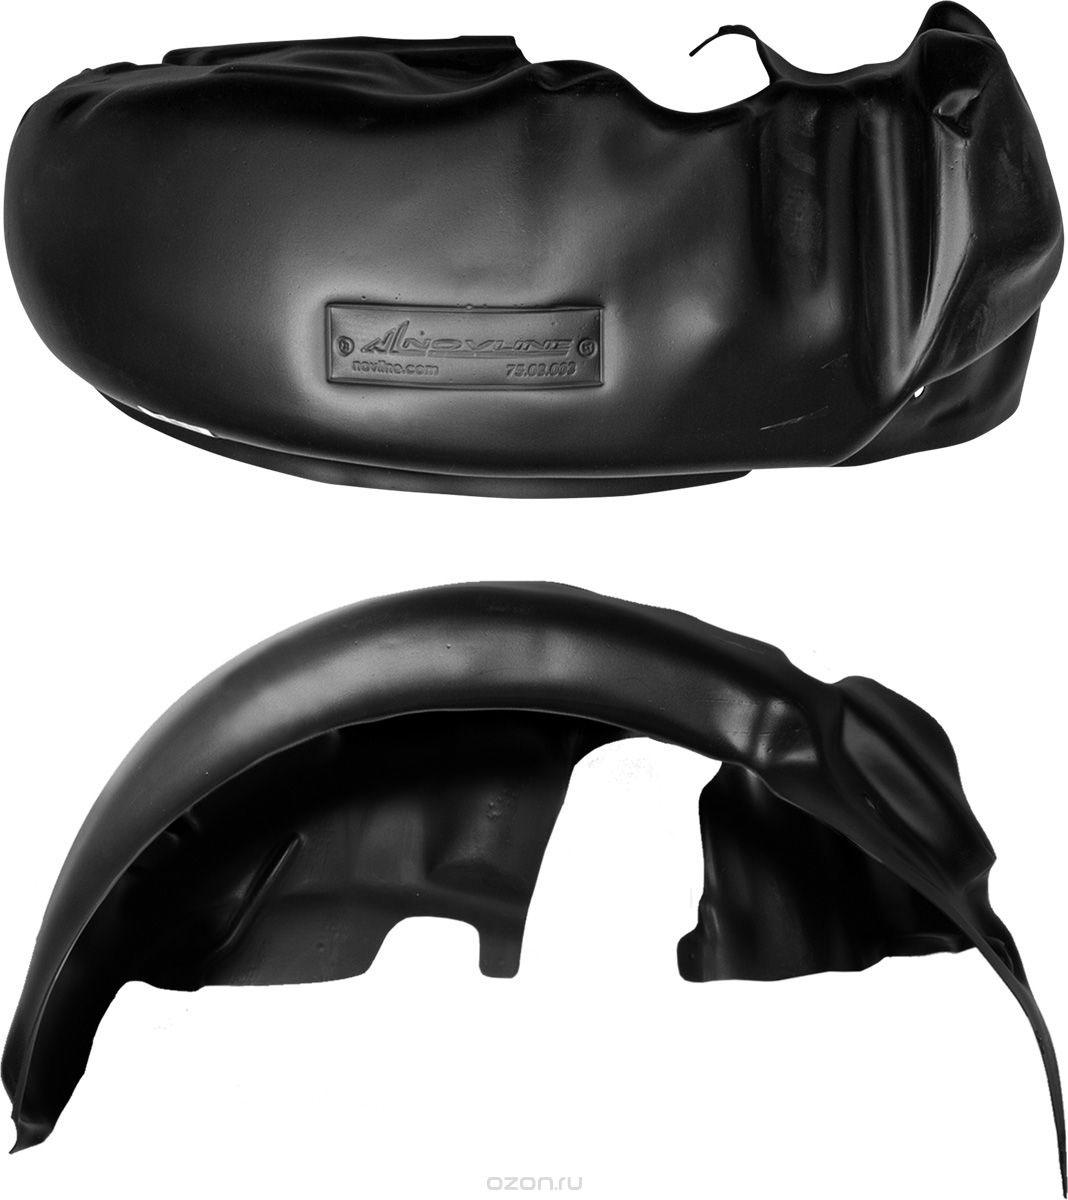 Подкрылок Novline-Autofamily, для RENAULT Sandero Stepway, 11/2014->, хб., передний левыйSVC-300Идеальная защита колесной ниши. Локеры разработаны с применением цифровых технологий, гарантируют максимальную повторяемость поверхности арки. Изделия устанавливаются без нарушения лакокрасочного покрытия автомобиля, каждый подкрылок комплектуется крепежом. Уважаемые клиенты, обращаем ваше внимание, что фотографии на подкрылки универсальные и не отражают реальную форму изделия. При этом само изделие идет точно под размер указанного автомобиля.